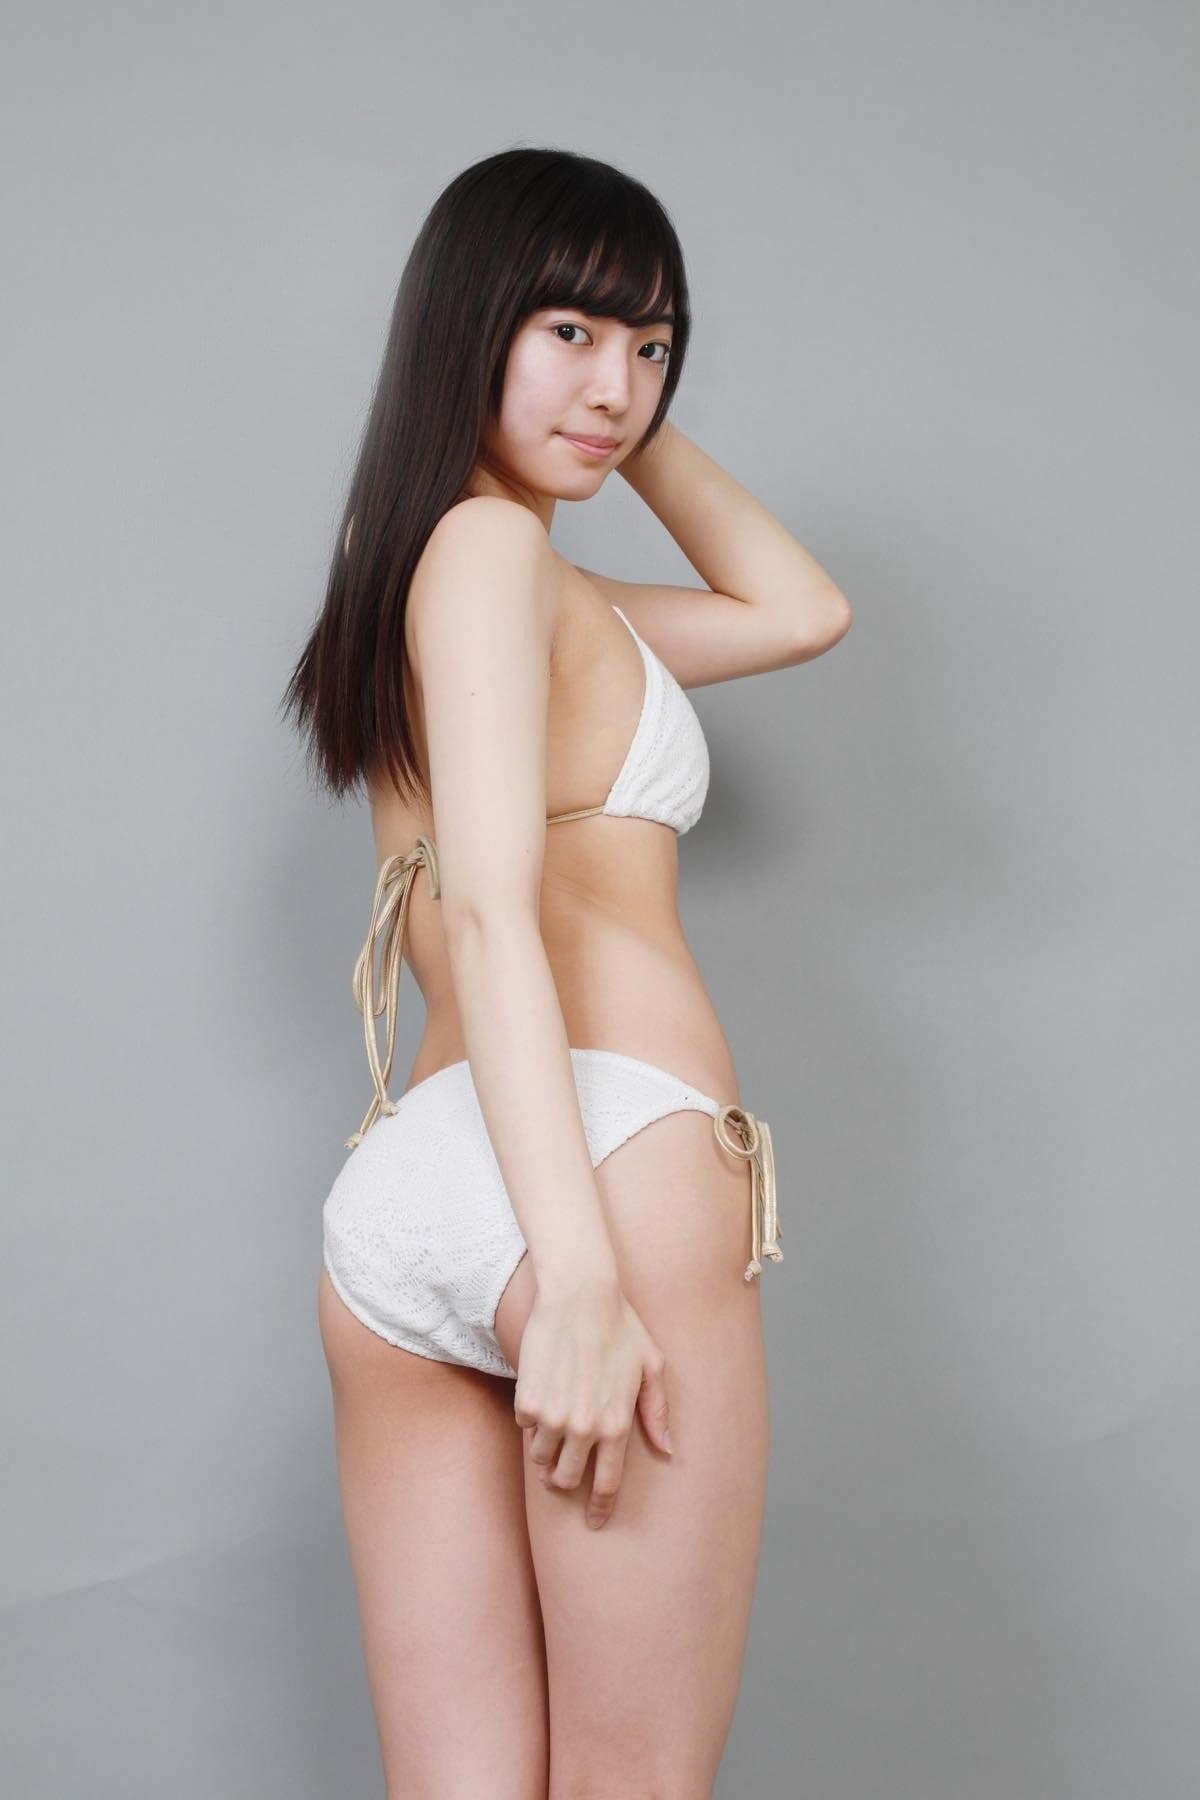 桜田愛音のグラビア水着ビキニ画像0009